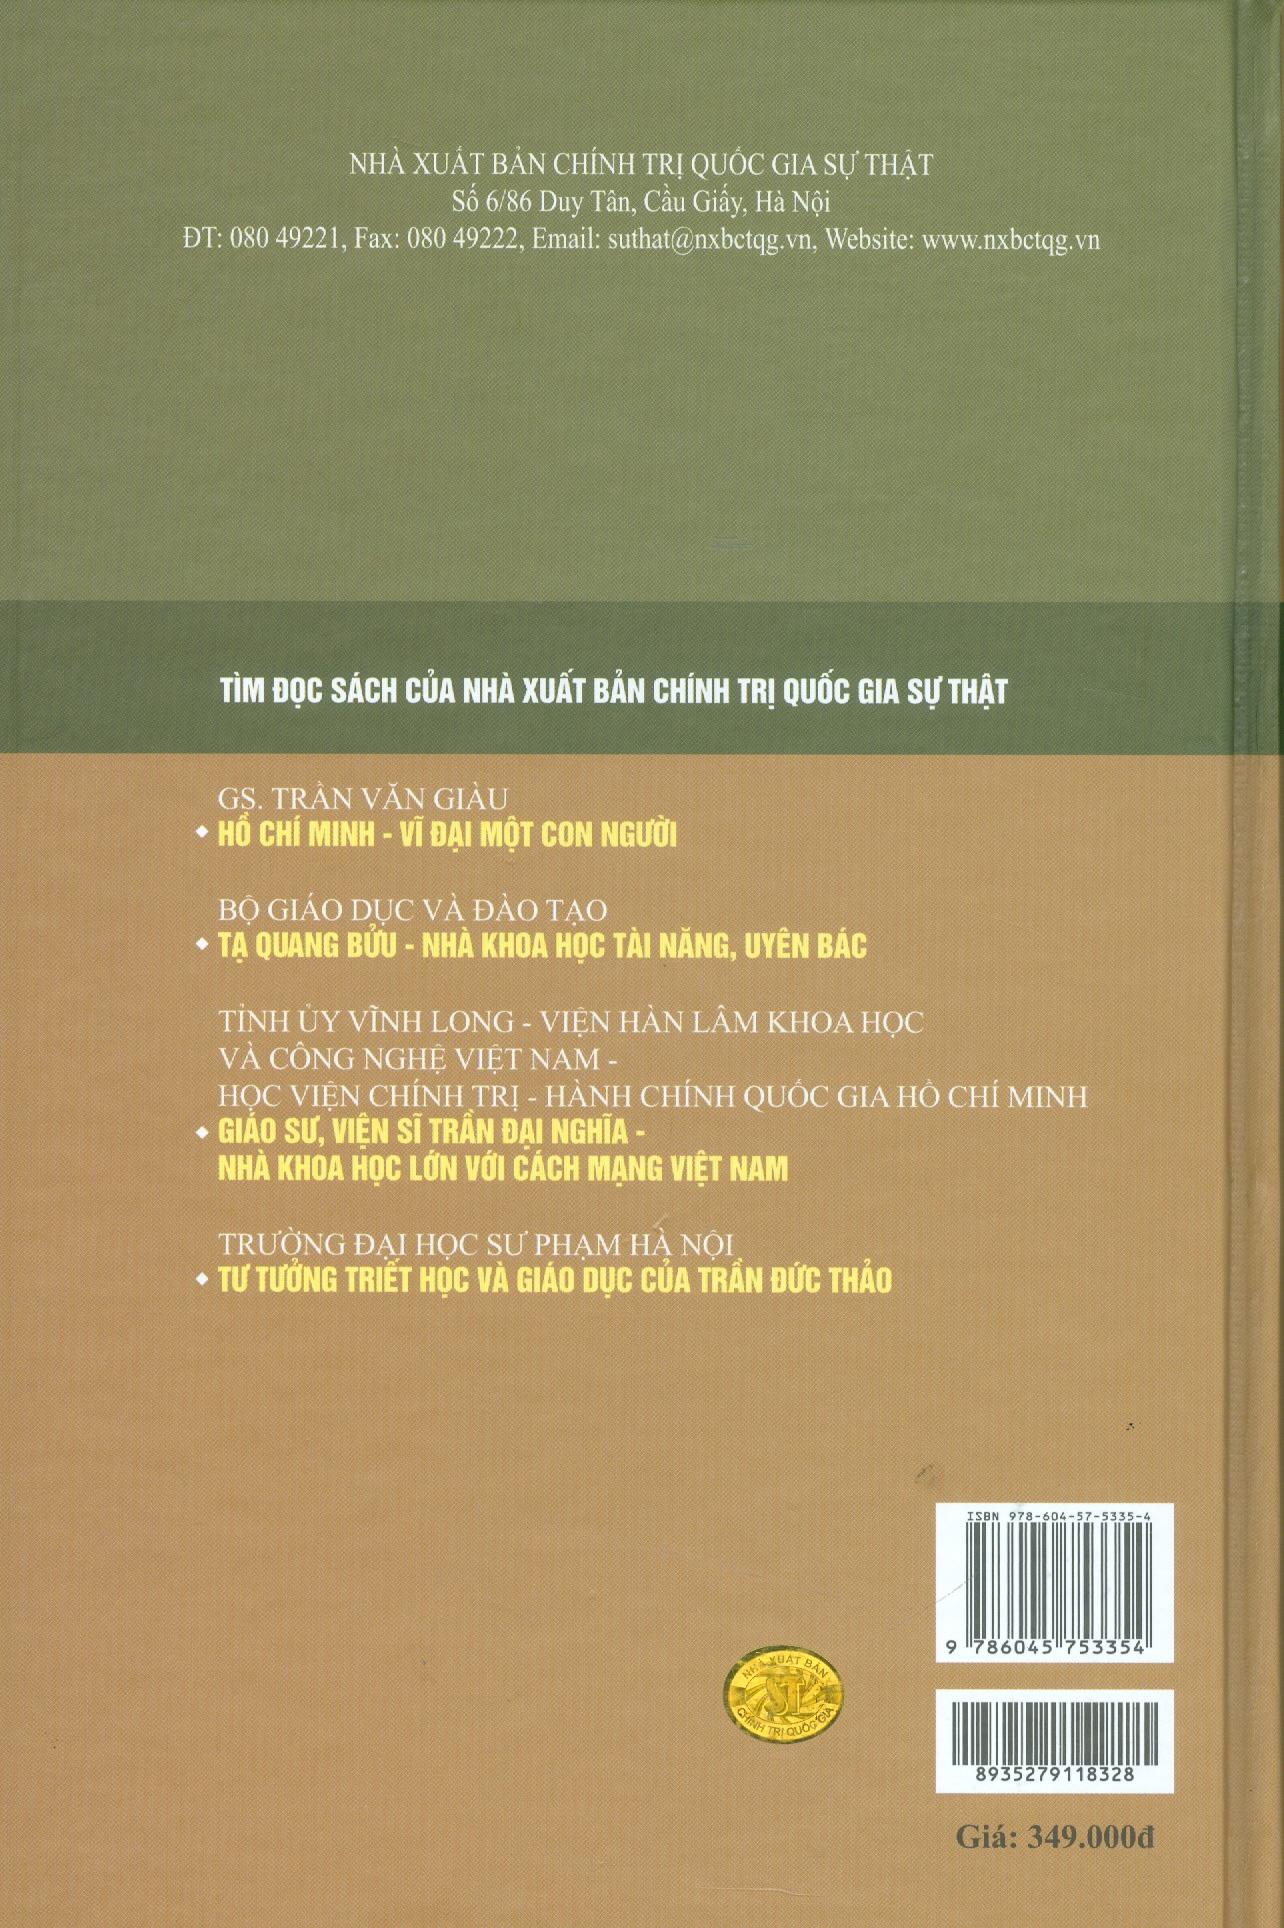 Trần Đức Thảo Tuyển Tập - Tập 2 (1956-1985)